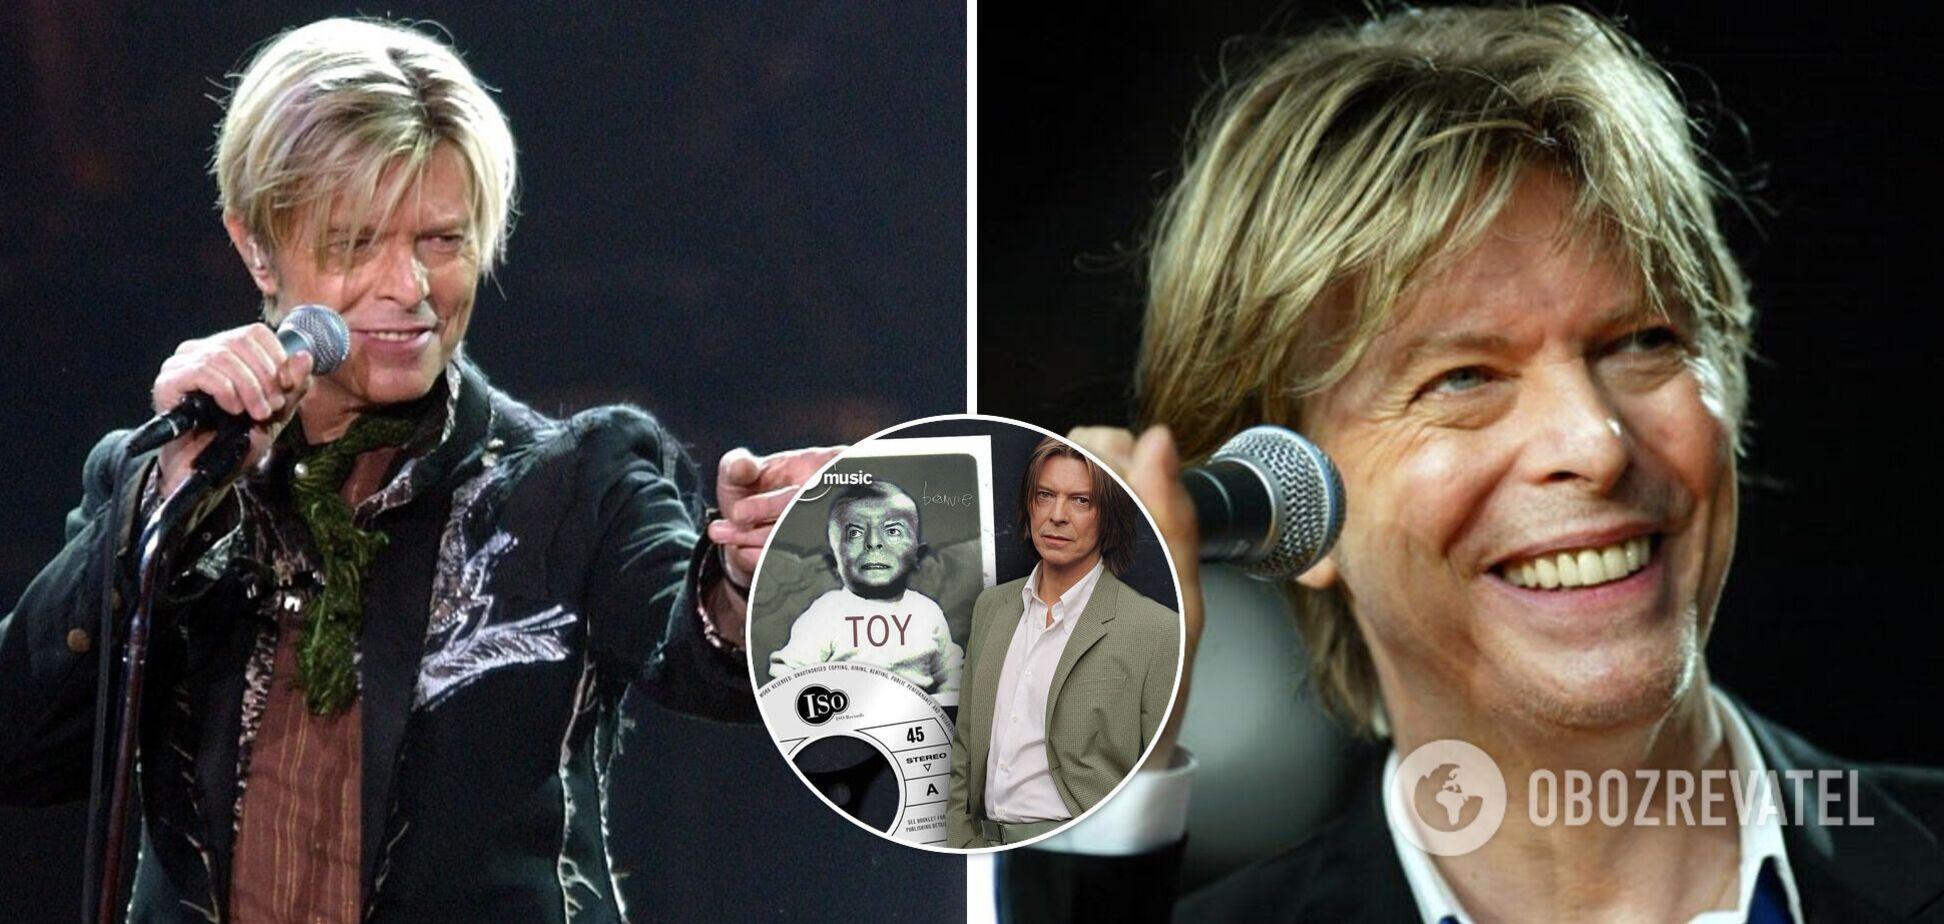 Альбом Дэвида Боуи 'Toy' выпустят спустя 20 лет: в чем его особенность